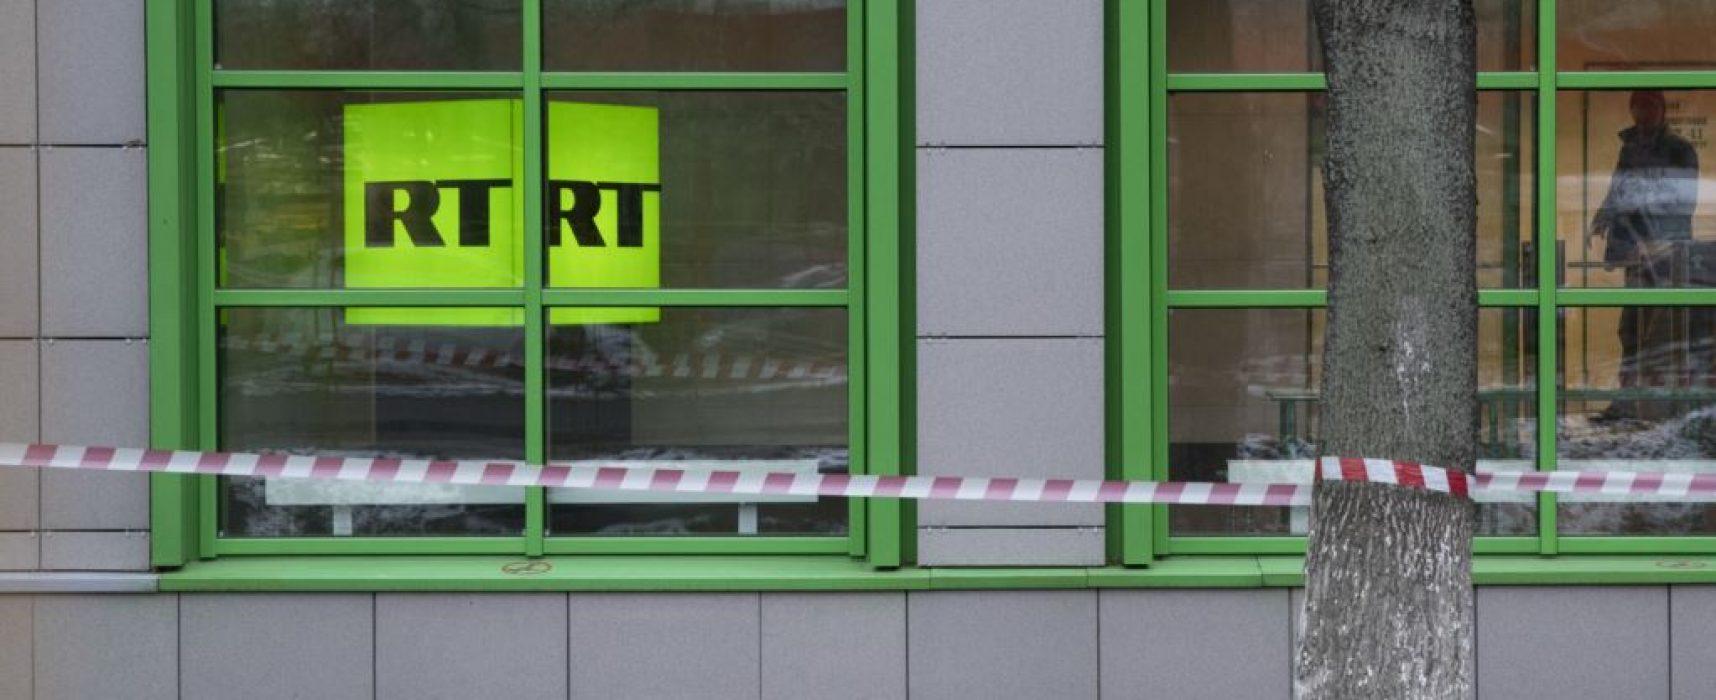 RT утверждает, что от него требуют регистрации как иноагента до 13 ноября